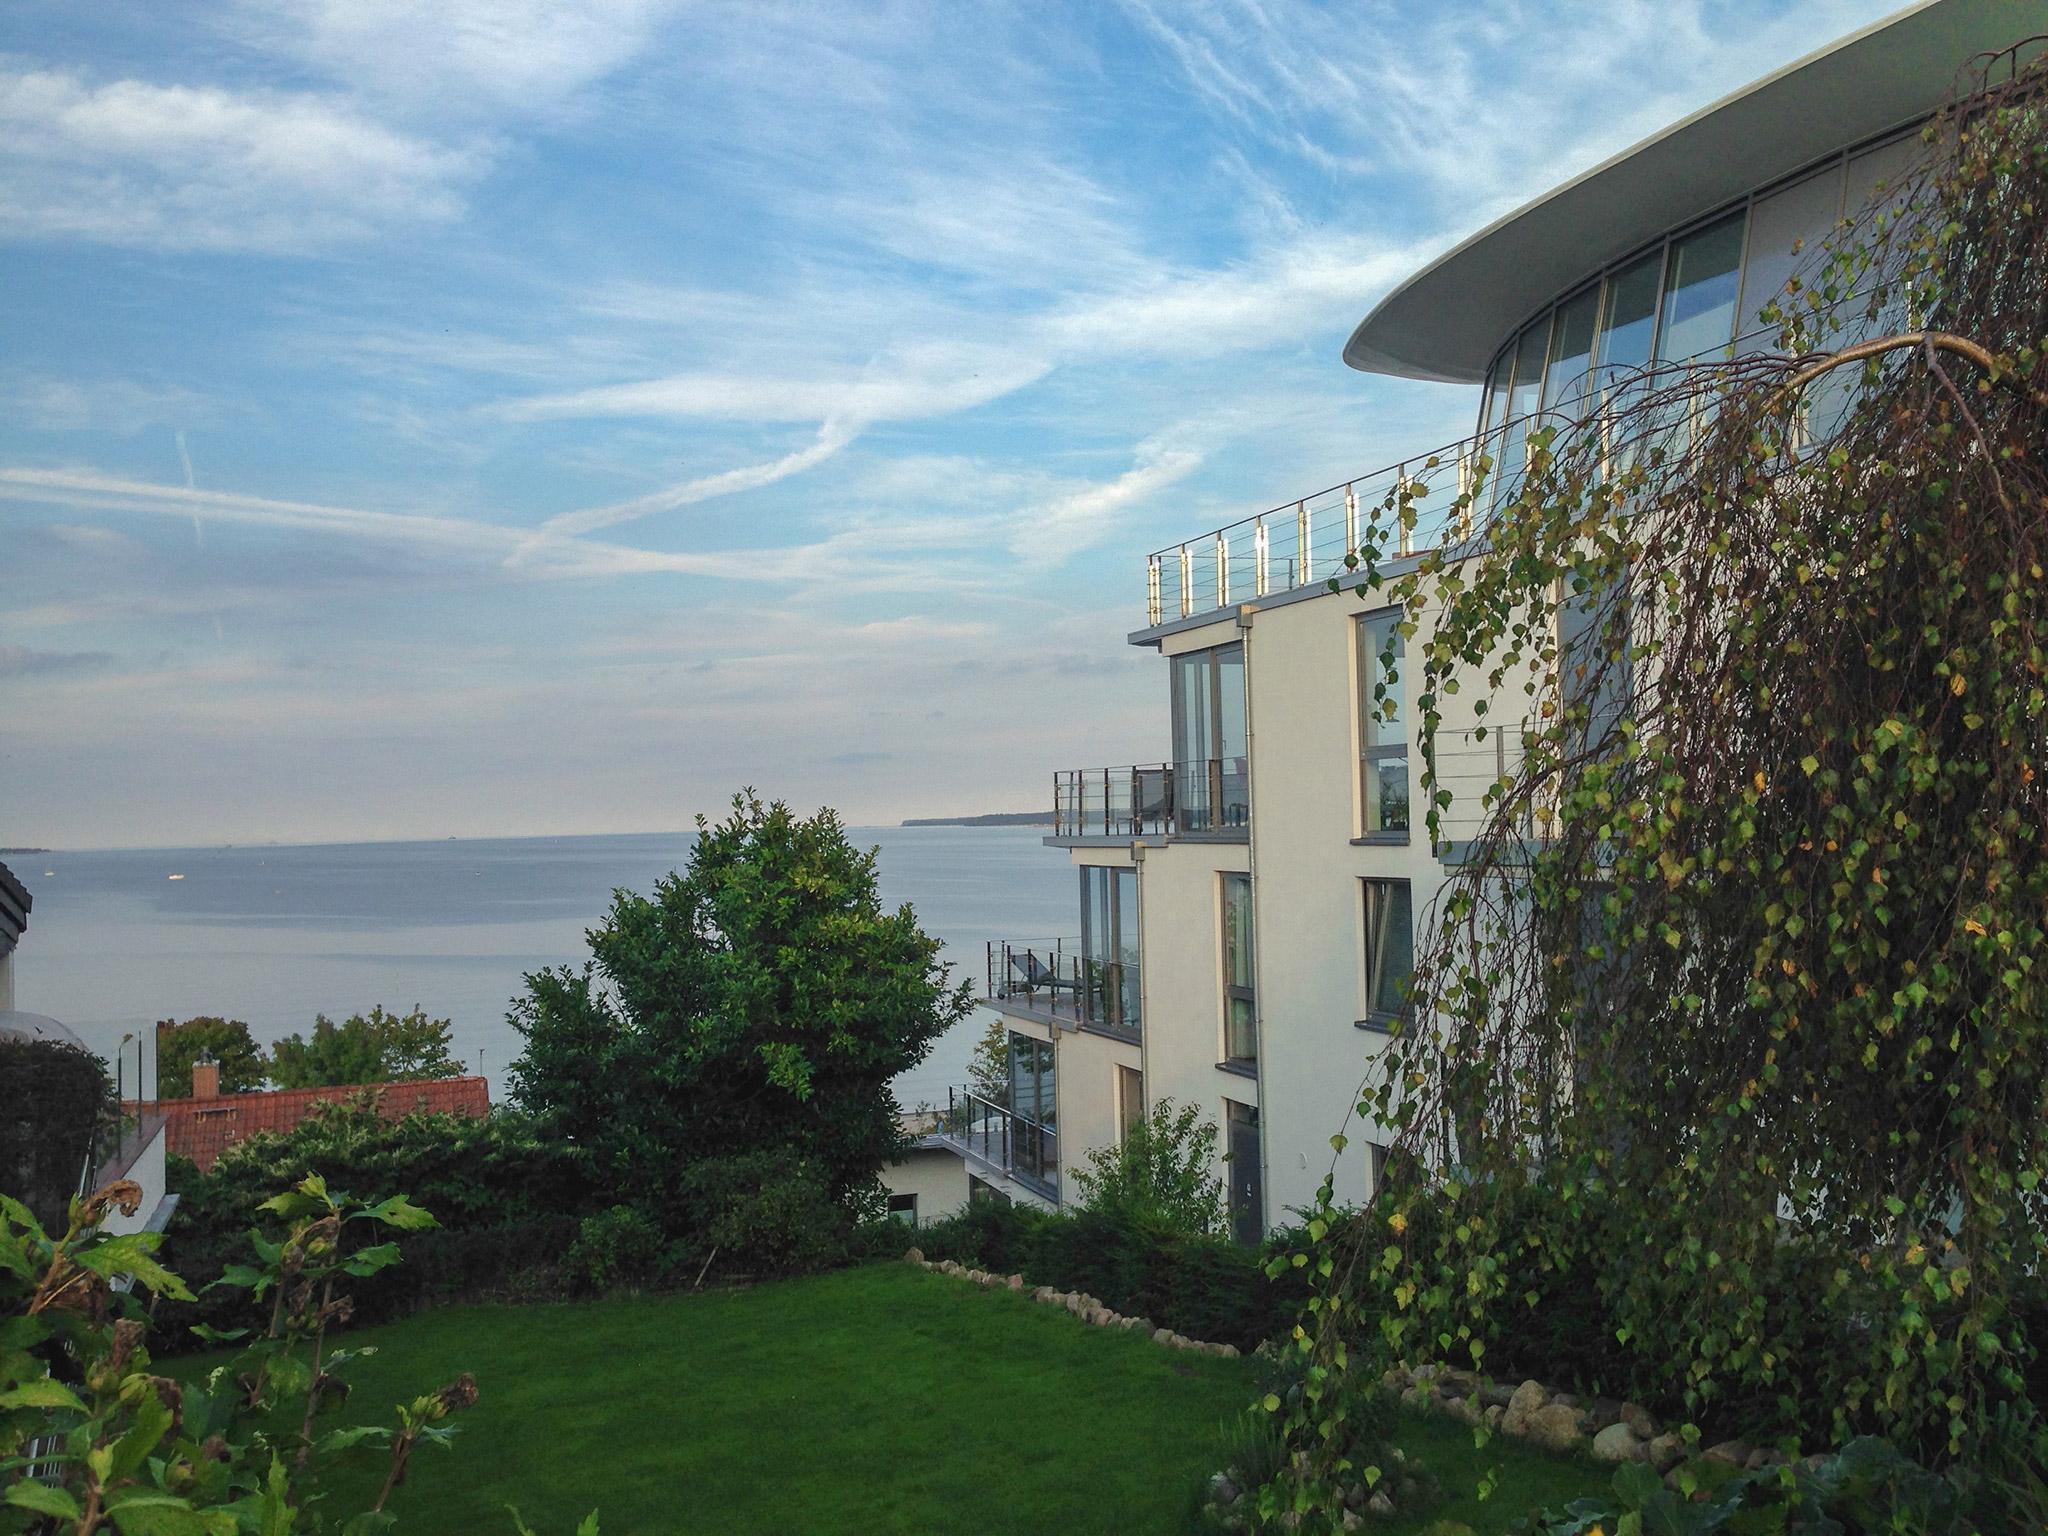 Ostsee Urlaub Mit Aussicht Triton Suite Eckernforde